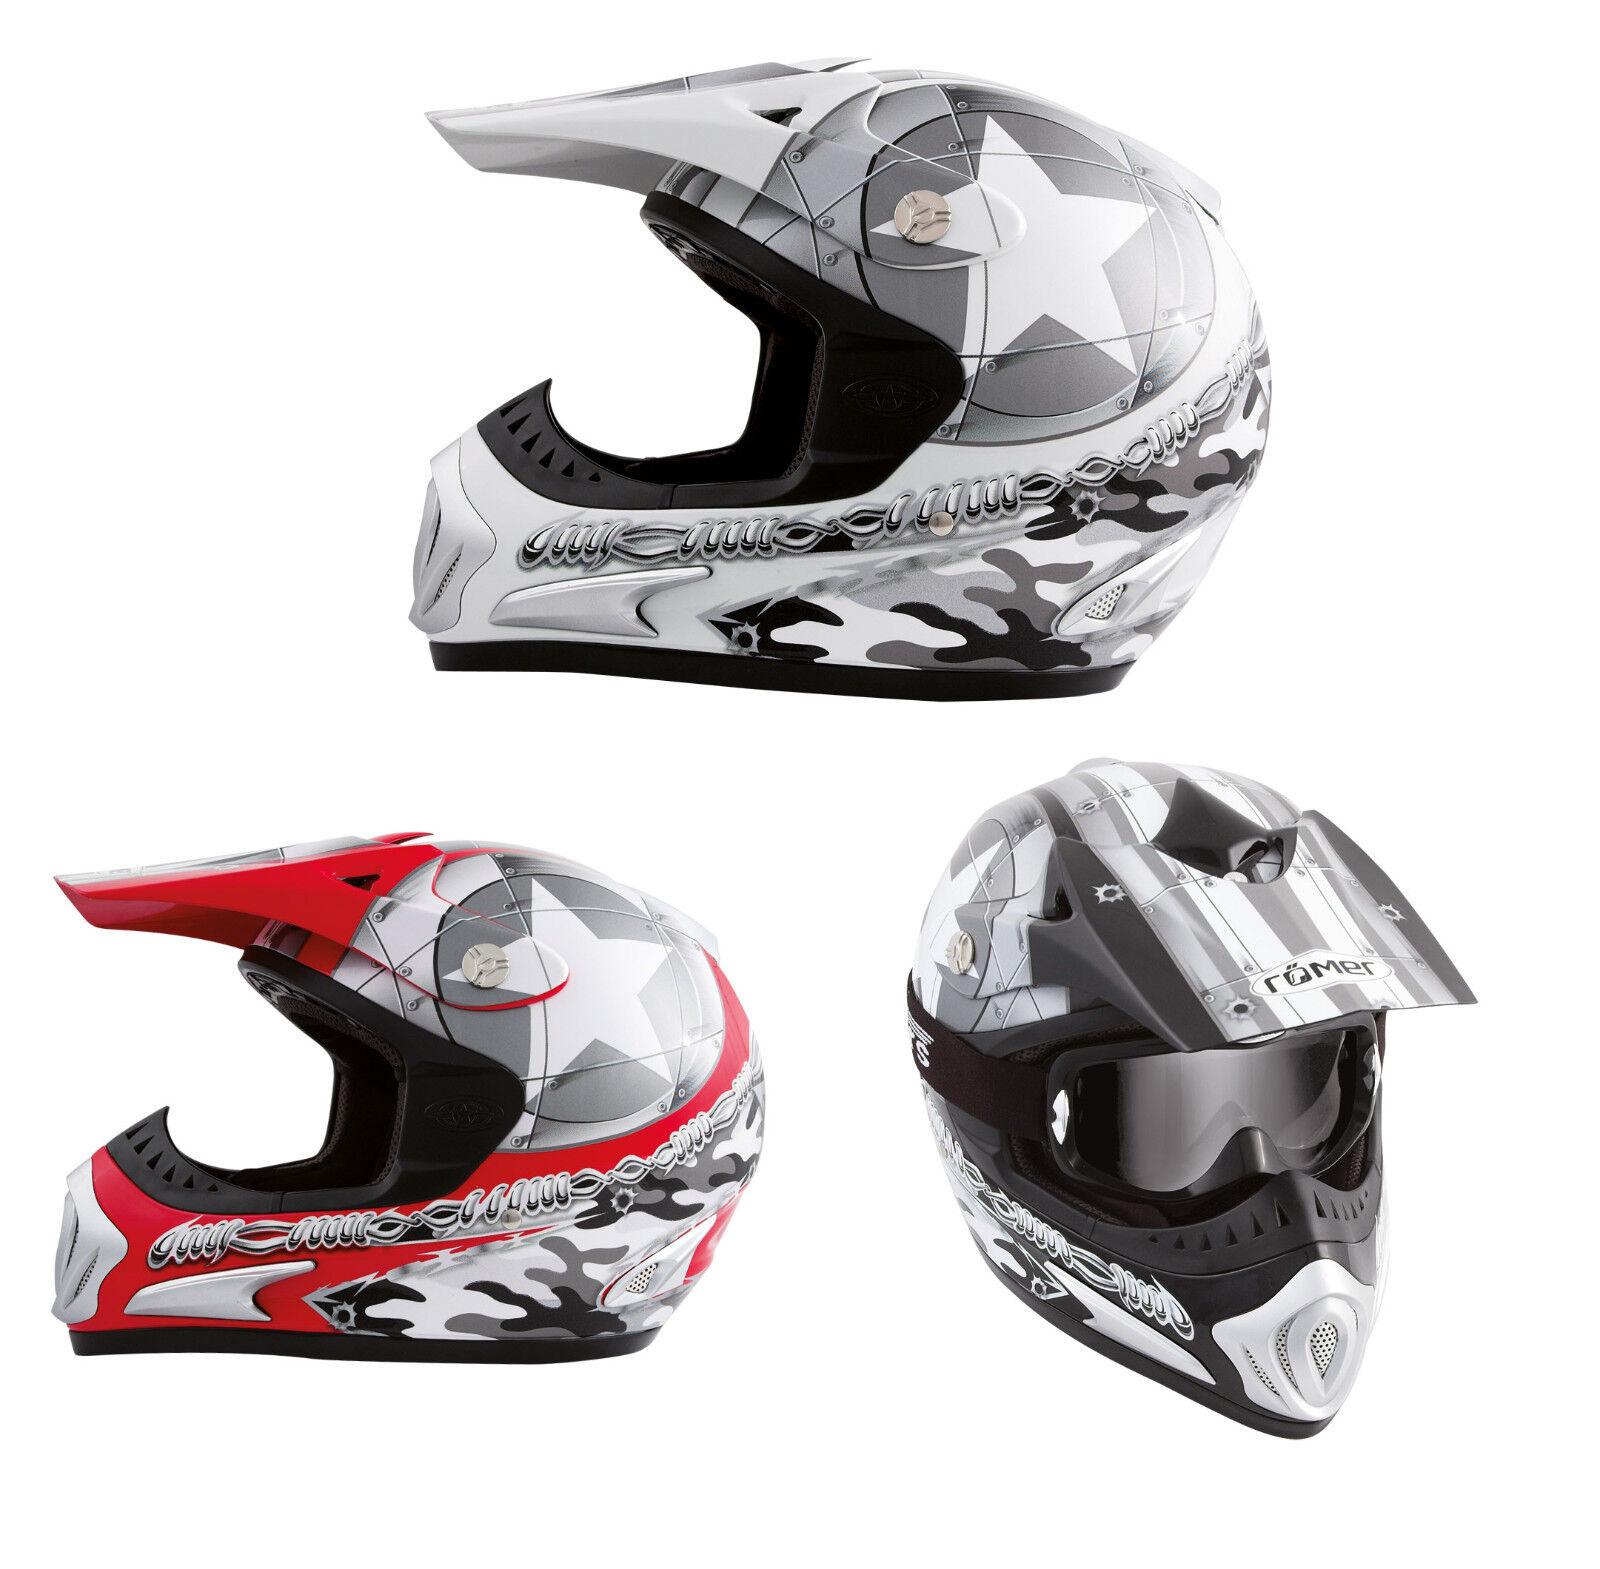 Römer Motocrosshelm- Crosshelm mit Helmschild als Quadhelm/ Offroad- Helm